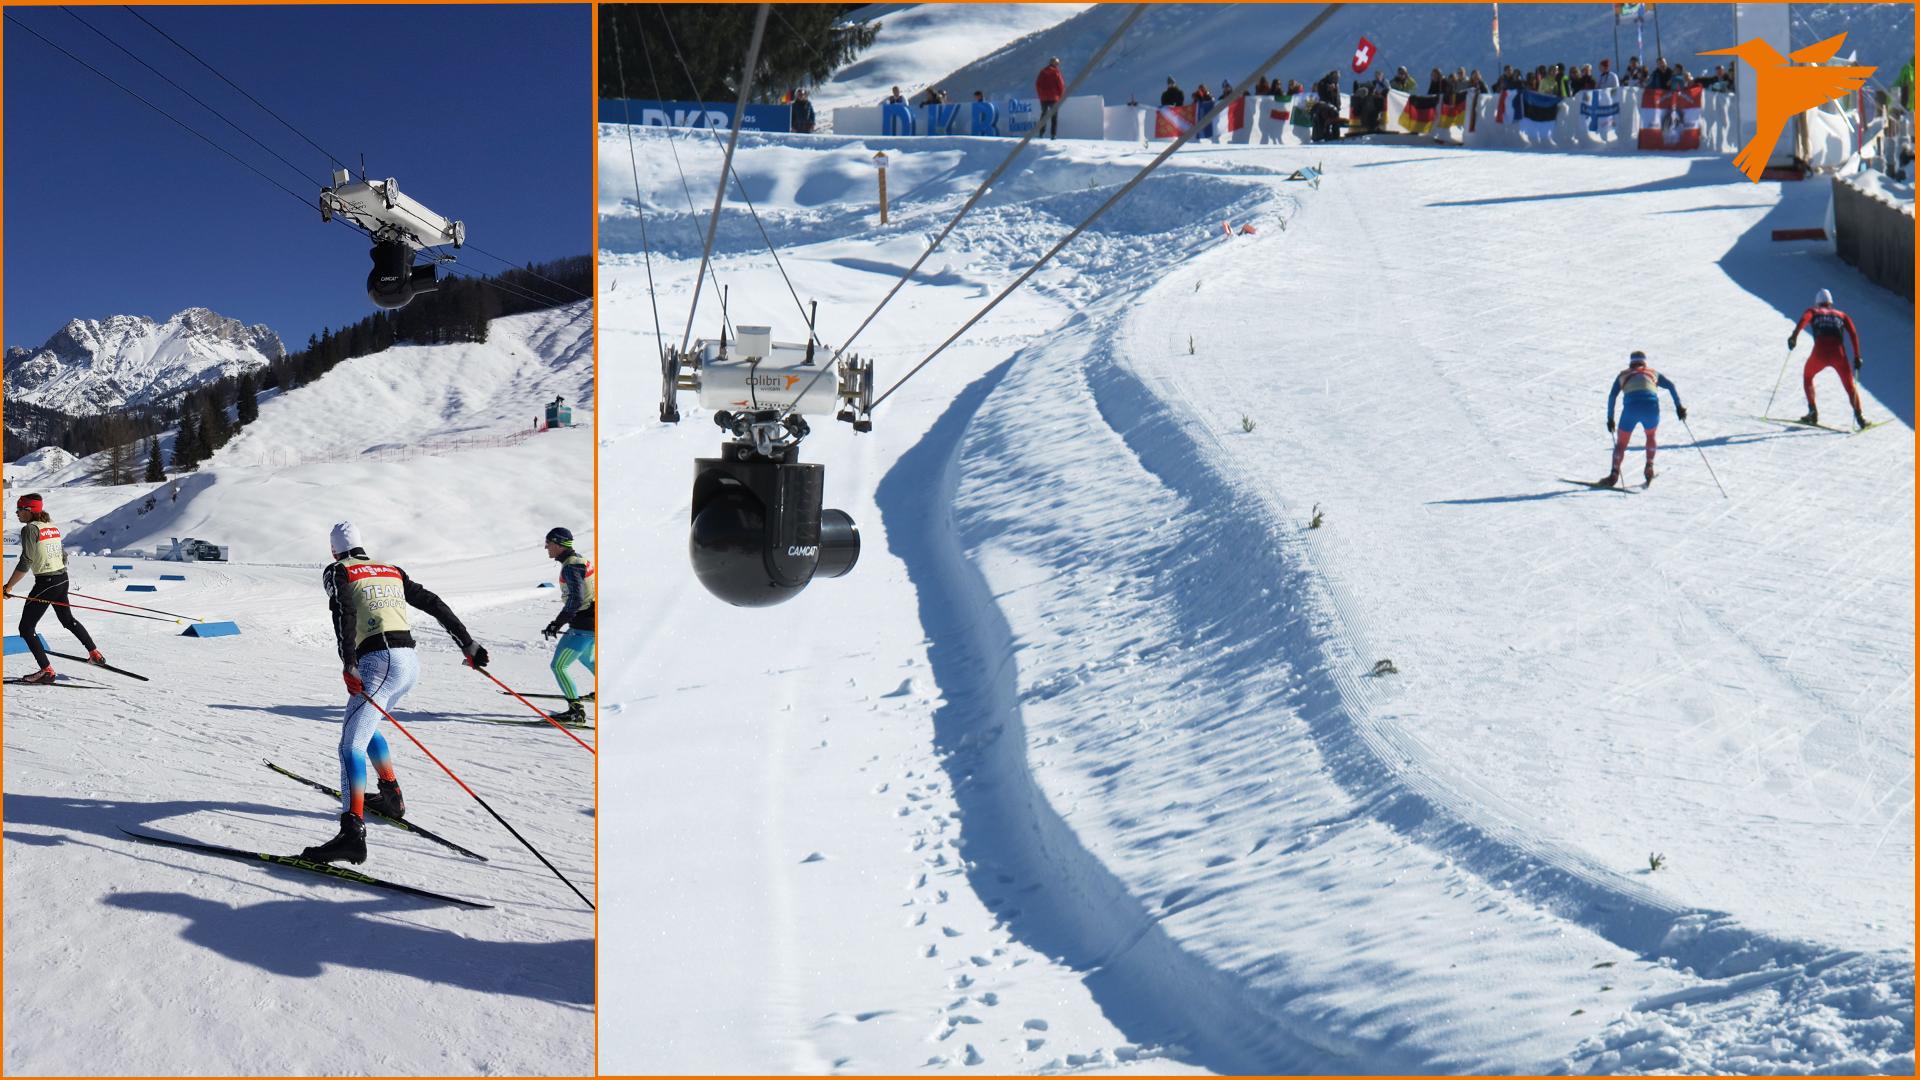 Biathlon, Biathlon WM, IBU, Hochfilzen, ORF, Colibri WireCam, cablecam, wirecam, flycam, Seilkamera, Kameraseilbahn